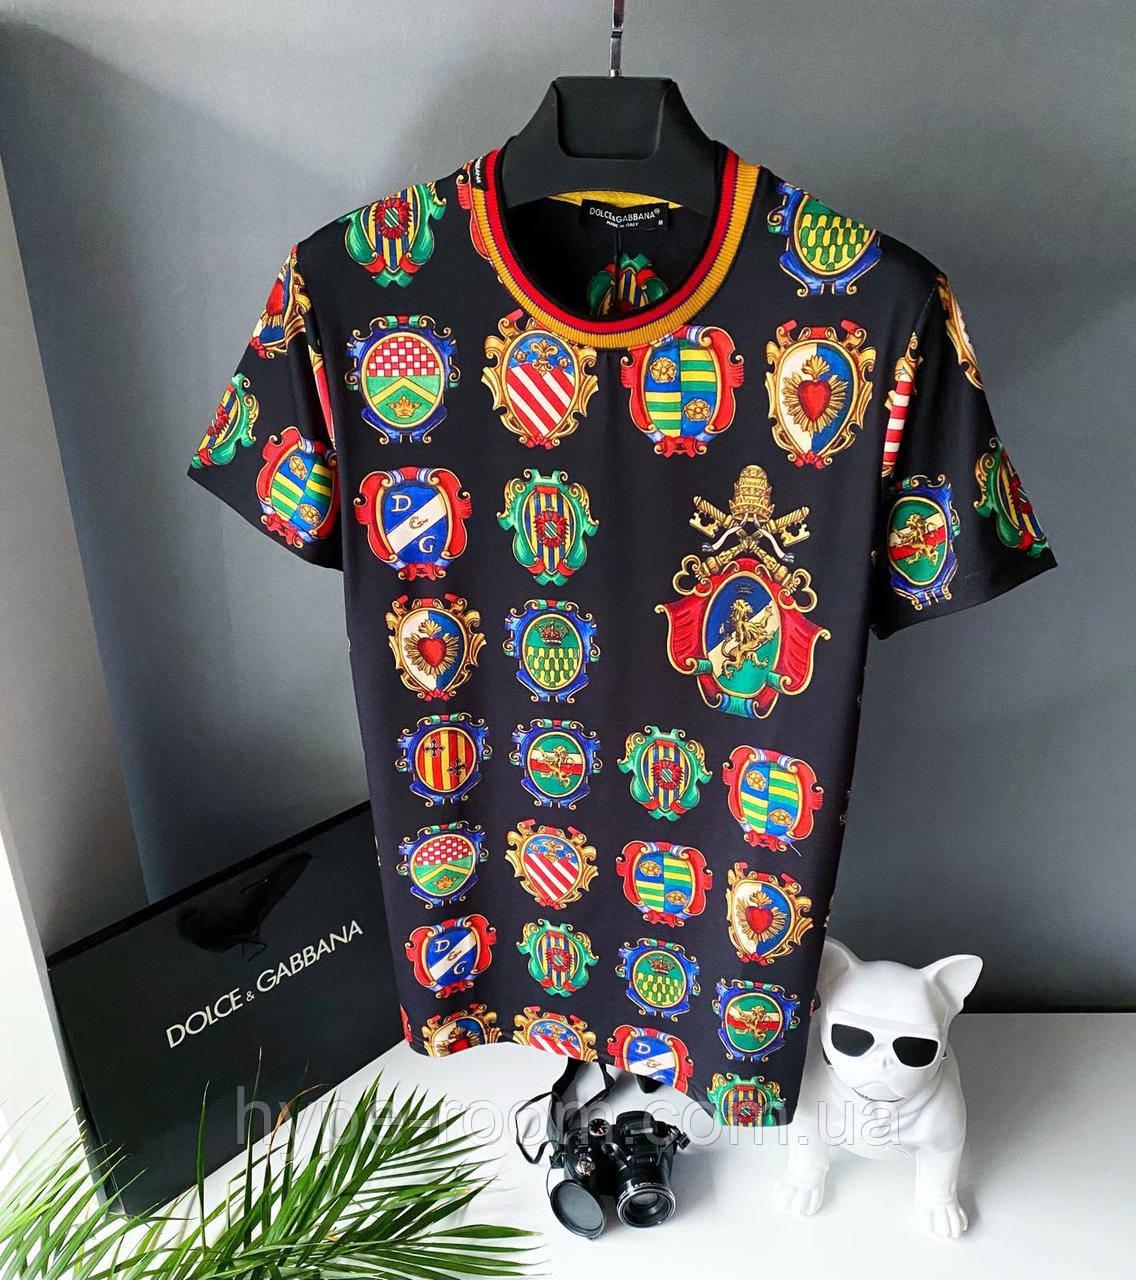 Чоловіча футболка у стилі Dolce Gabbana чорна з малюнками дольче Габбана